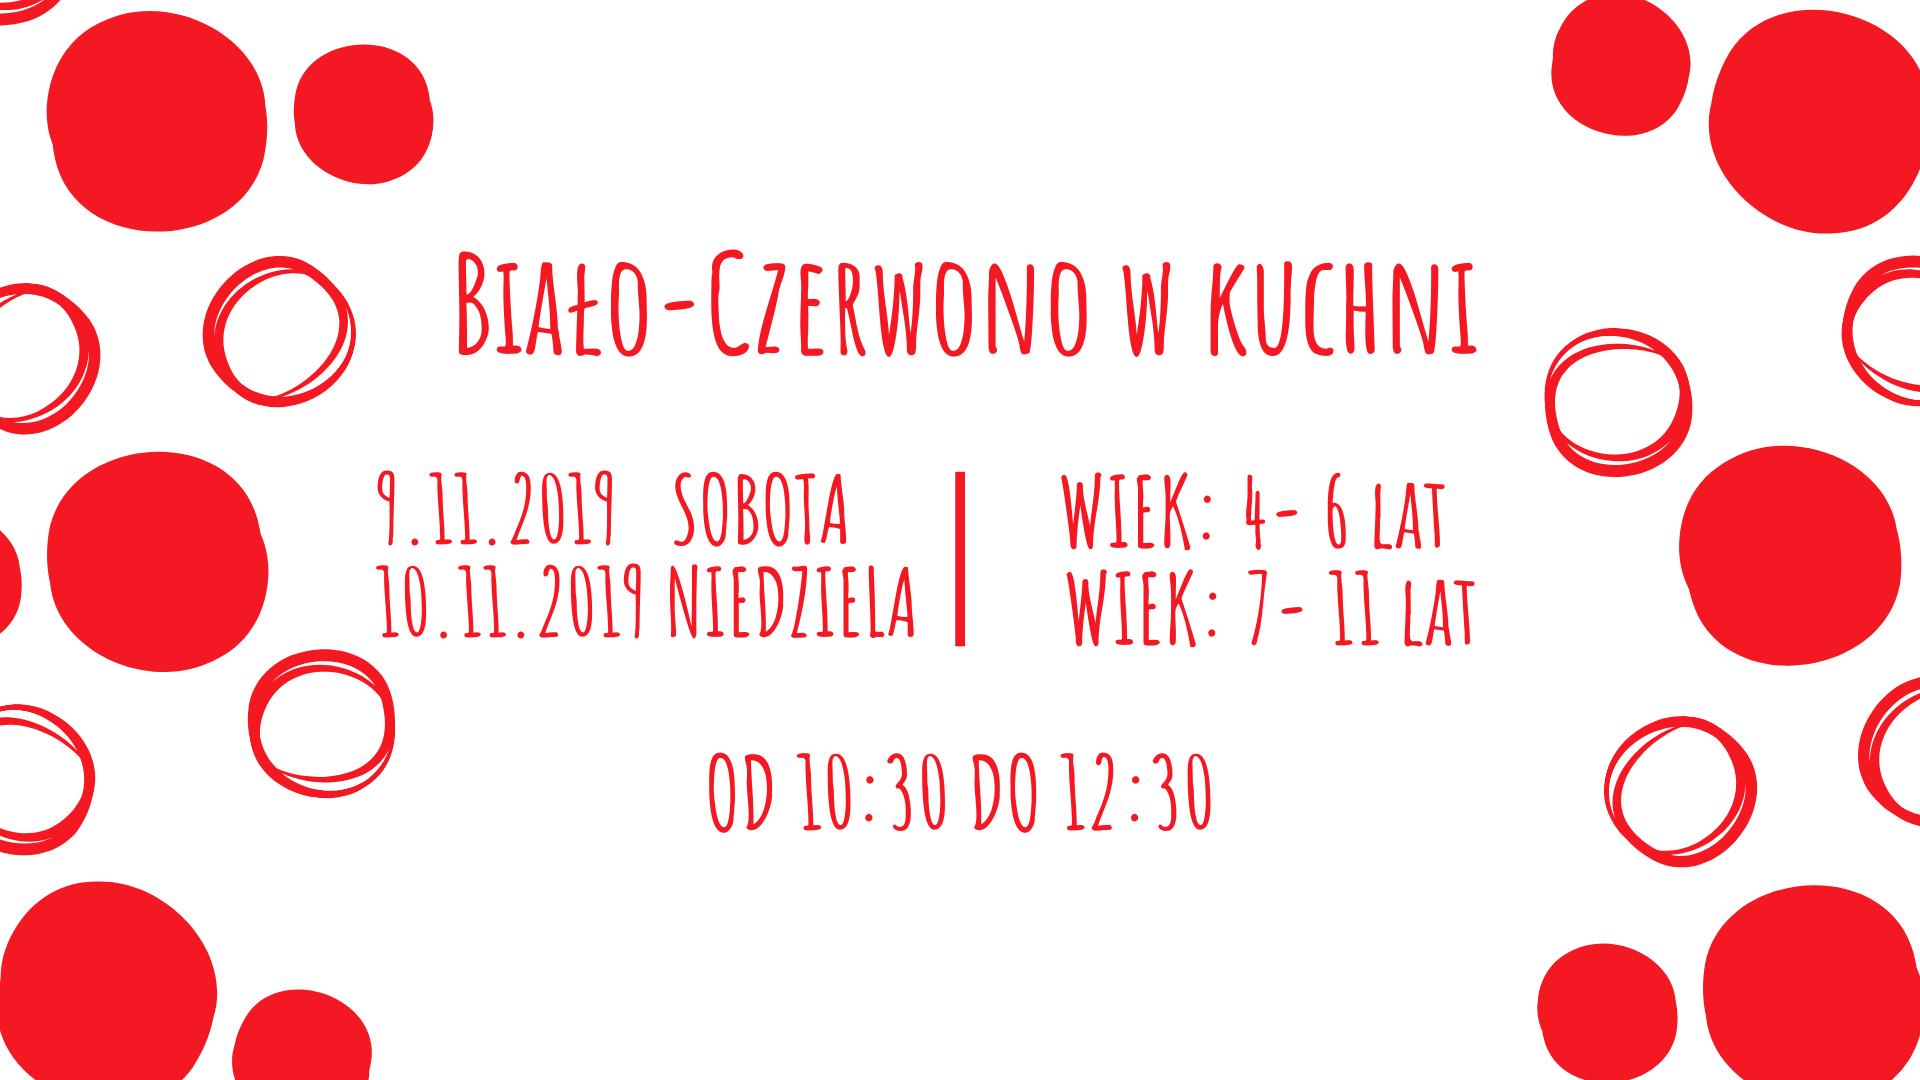 Biało-Czerwono w kuchni - warsztaty kulinarne. Katowice